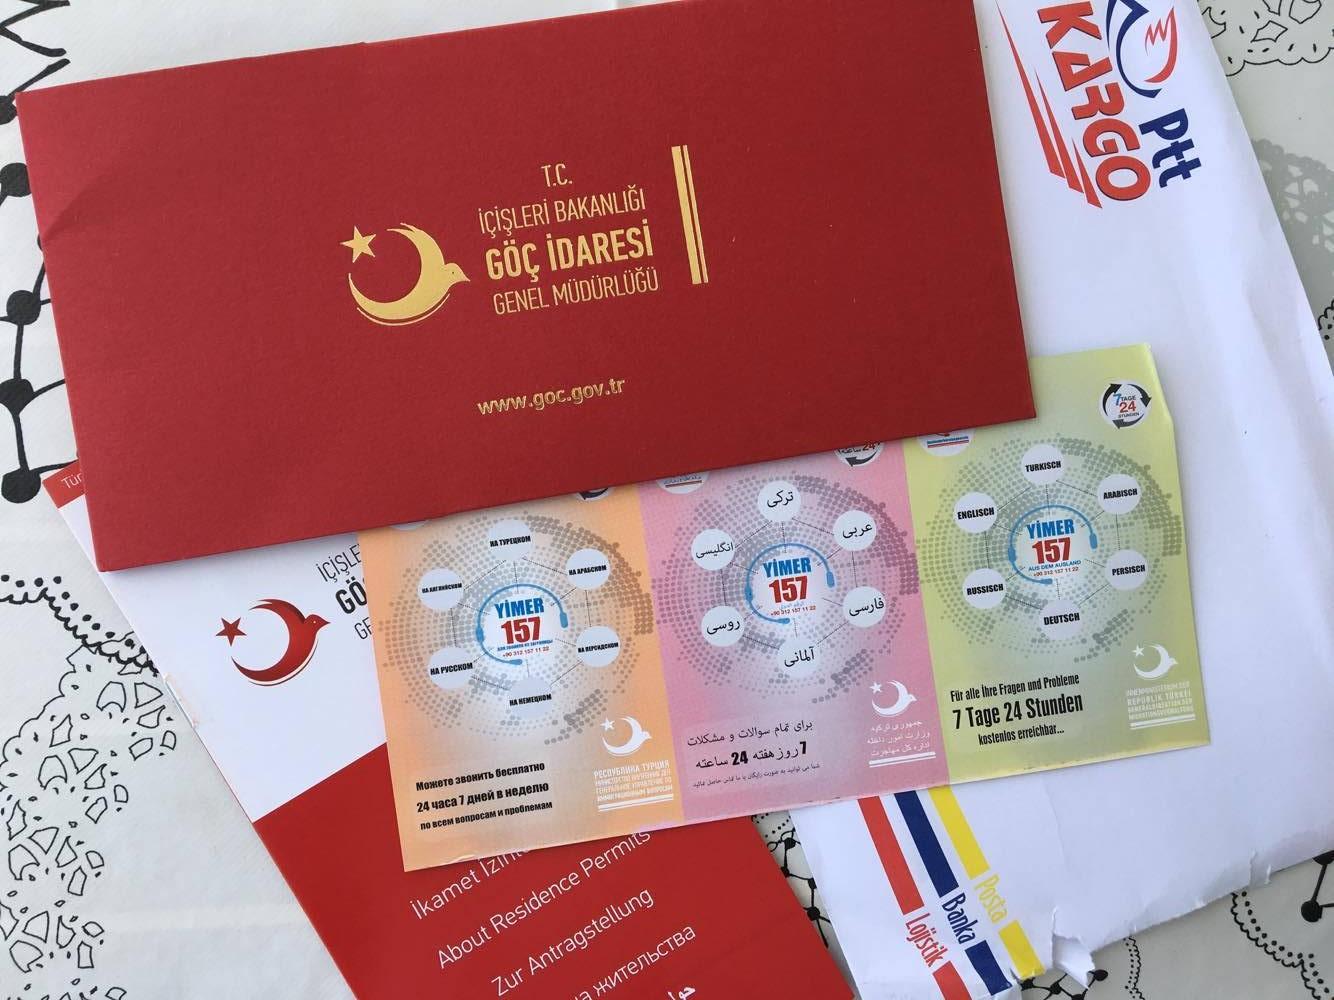 opholdstilladelse tyrkiet, tyrkiet opholdstilladelse, opholdstilladelse alanya, alanya blog, tyrkiet blog, udlandsblog, blog om udlandet